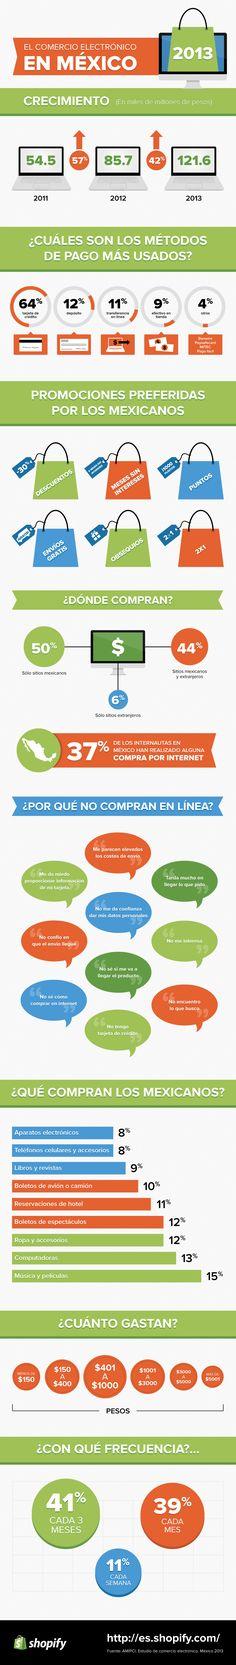 #Infografia #Curiosidades ECommerce en Mexico, estadísticas de 2.013. #TAVnews